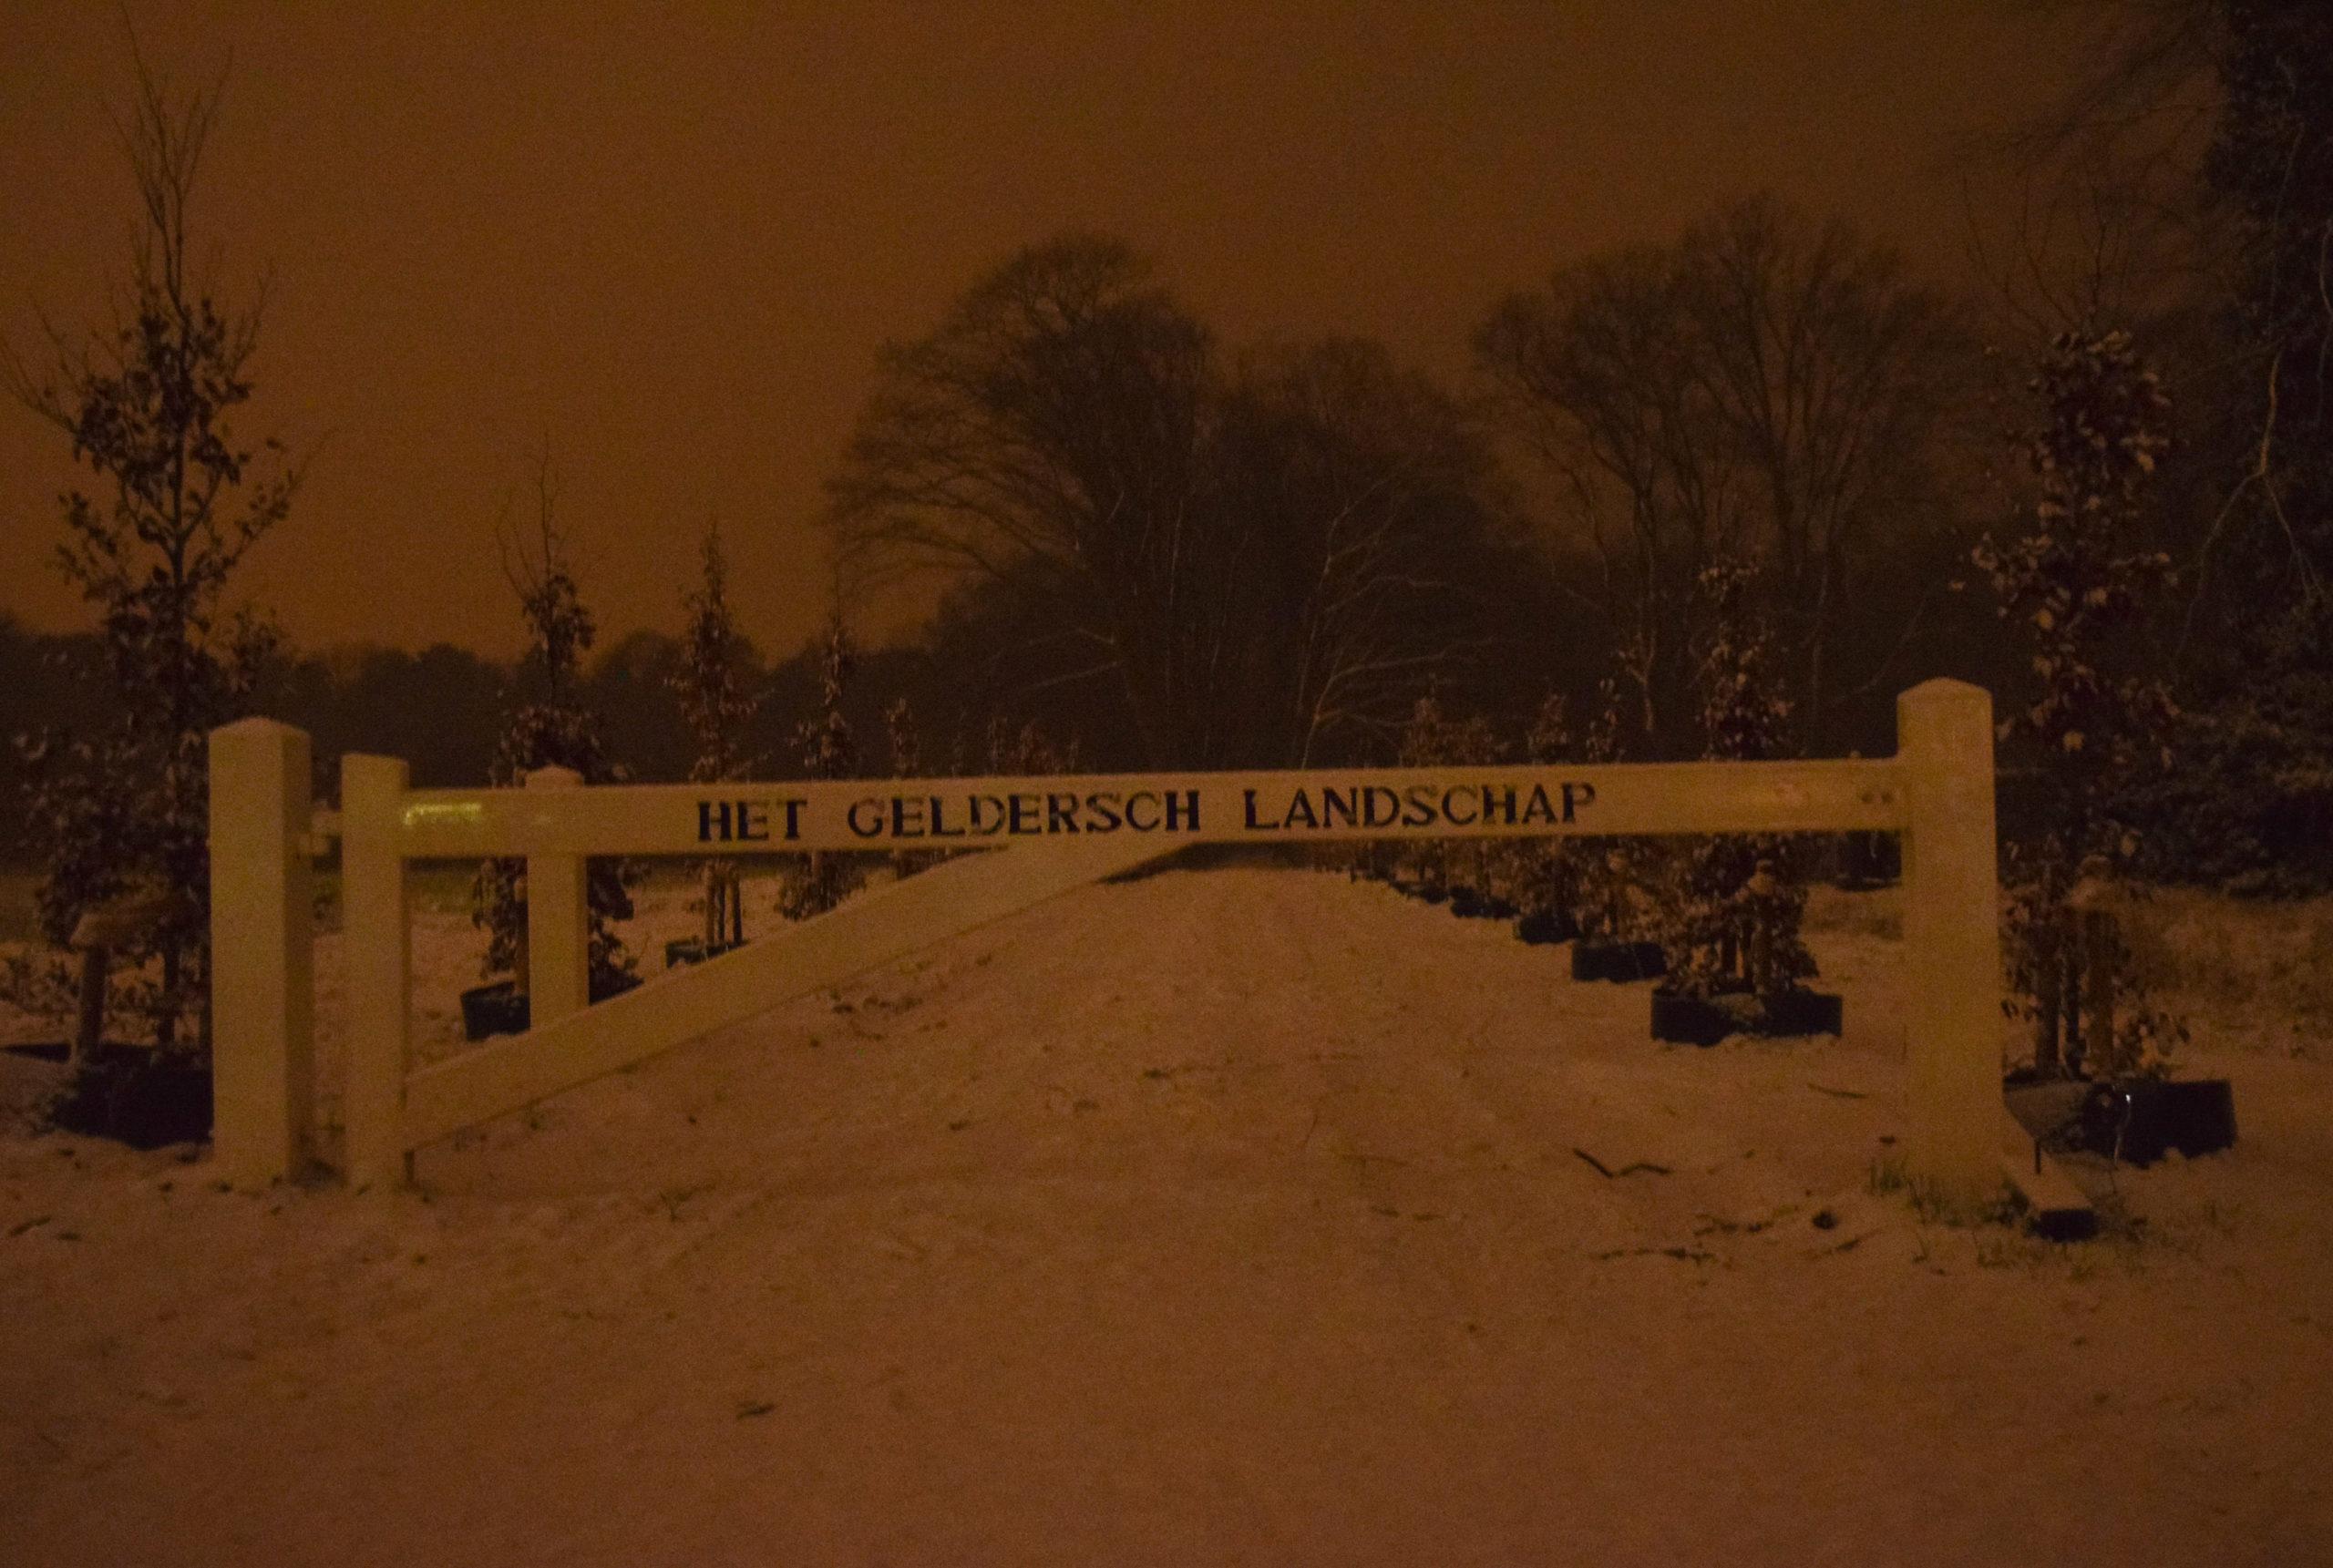 Sneeuwdek van 2-3 centimeter in de Achterhoek, KNMI waarschuwt voor gladde wegen